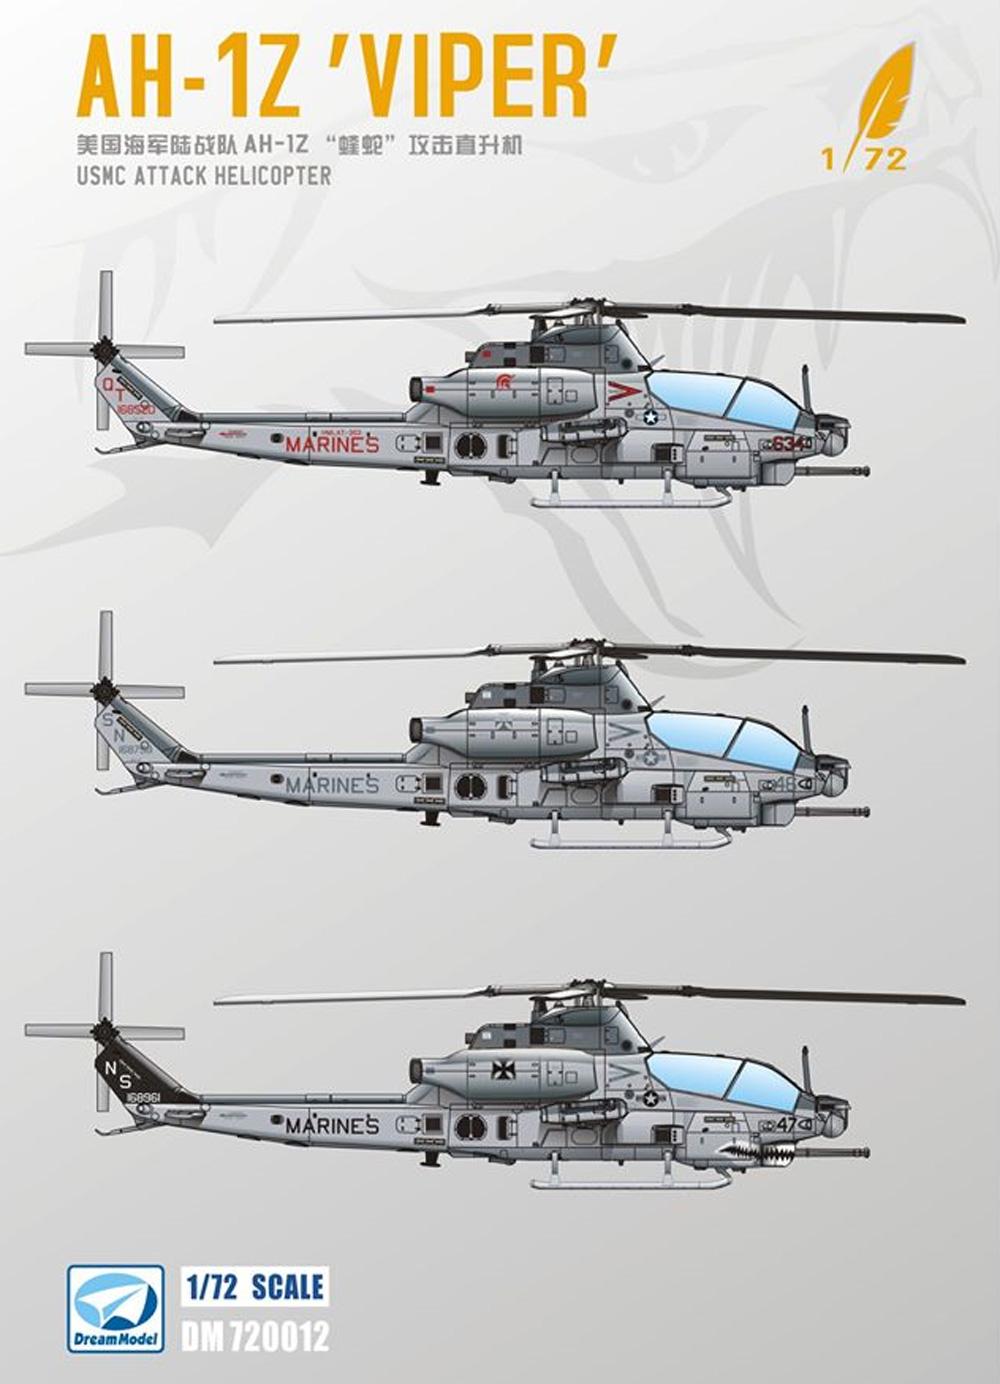 AH-1Z ヴァイパー 攻撃ヘリコプタープラモデル(ドリームモデル1/72 航空機モデルNo.DM720012)商品画像_2